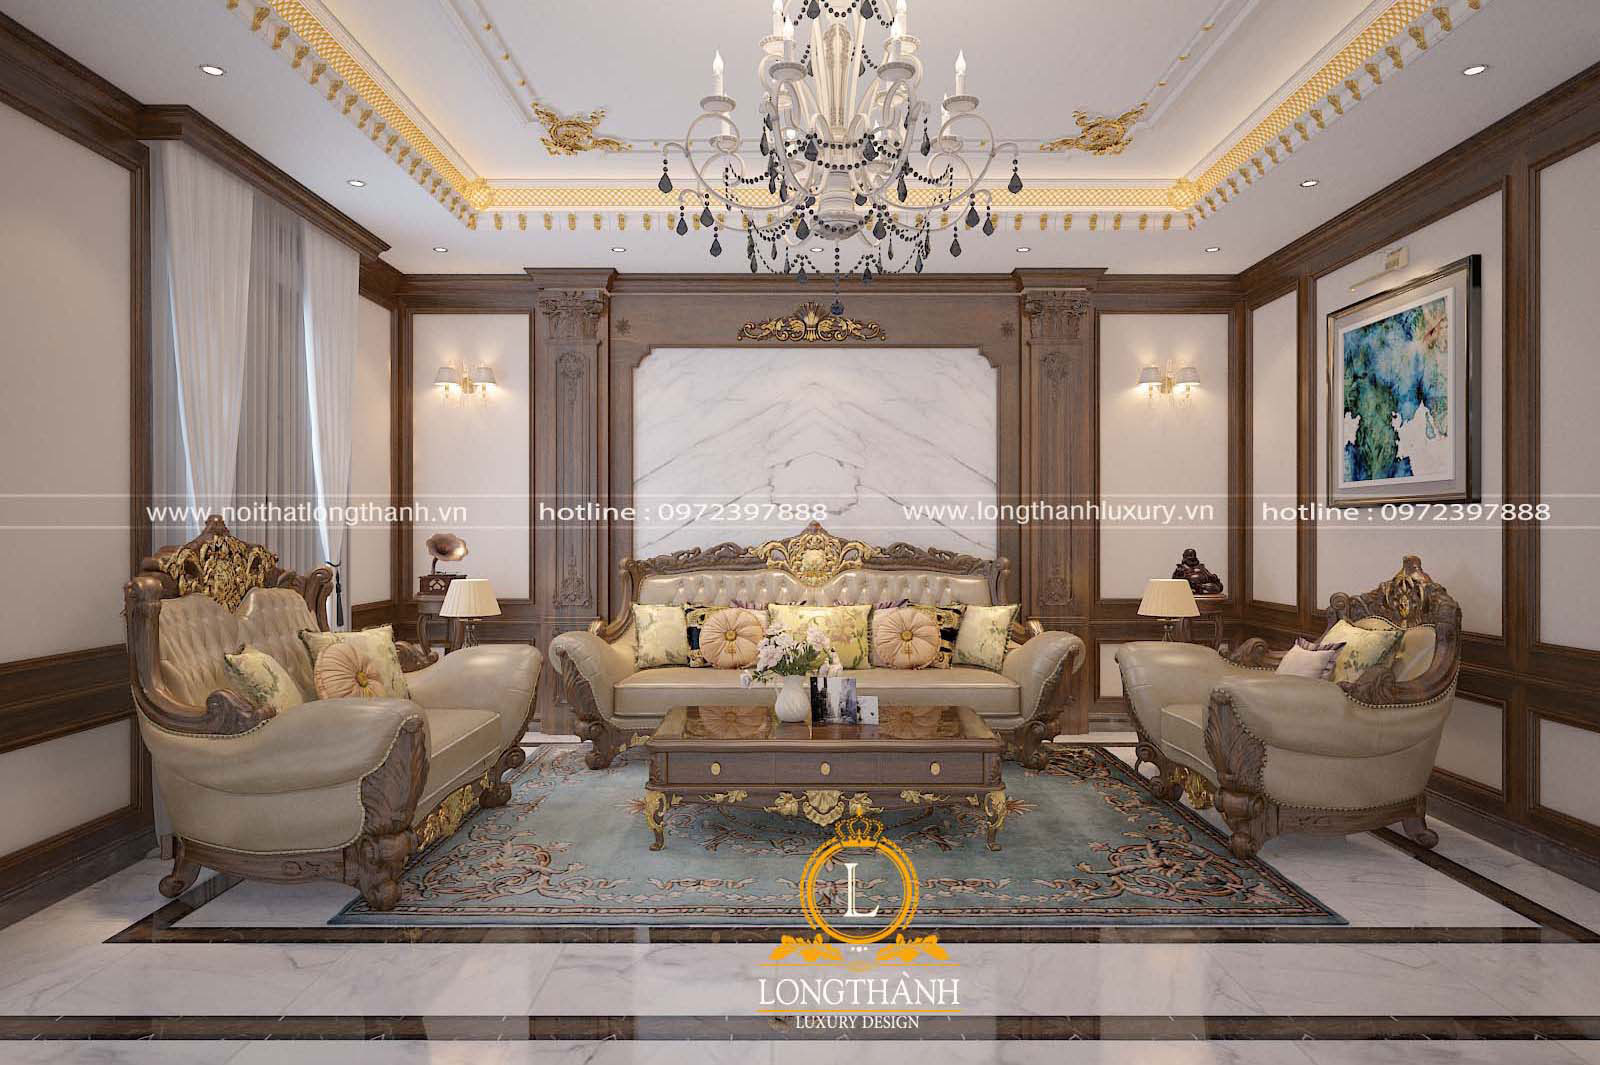 Thảm trải sàn nỉ tân cổ điển cho phòng khách đẹp